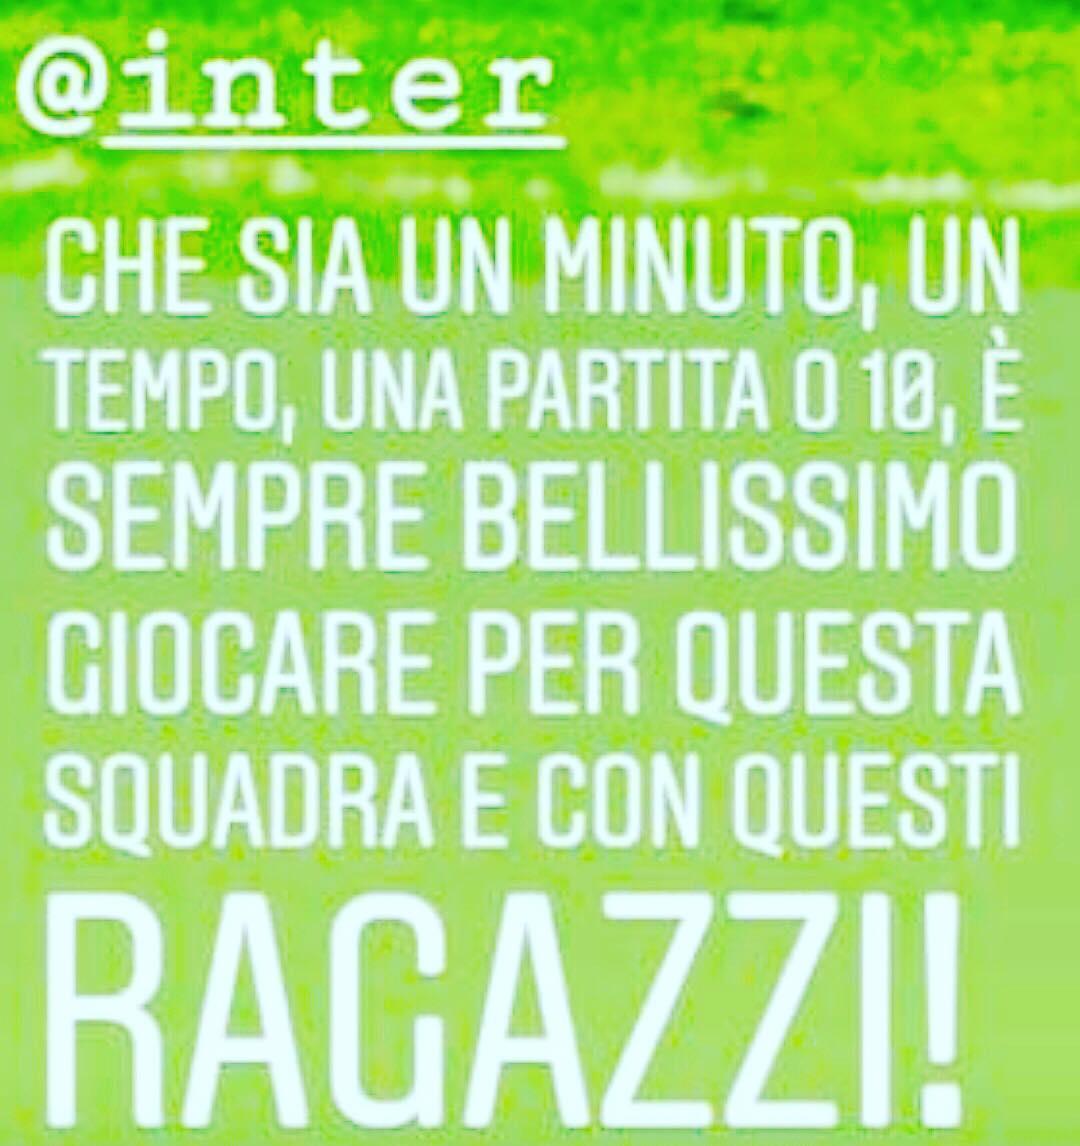 """#Spalletti, applausi per #Ranocchia e la sua frase al termine di #InterBenevento: """"Questo è un messaggio di chi si chiede costantemente cosa può fare lui per l'Inter e non cosa deve fare l'Inter per lui"""" ⚫️🔵"""